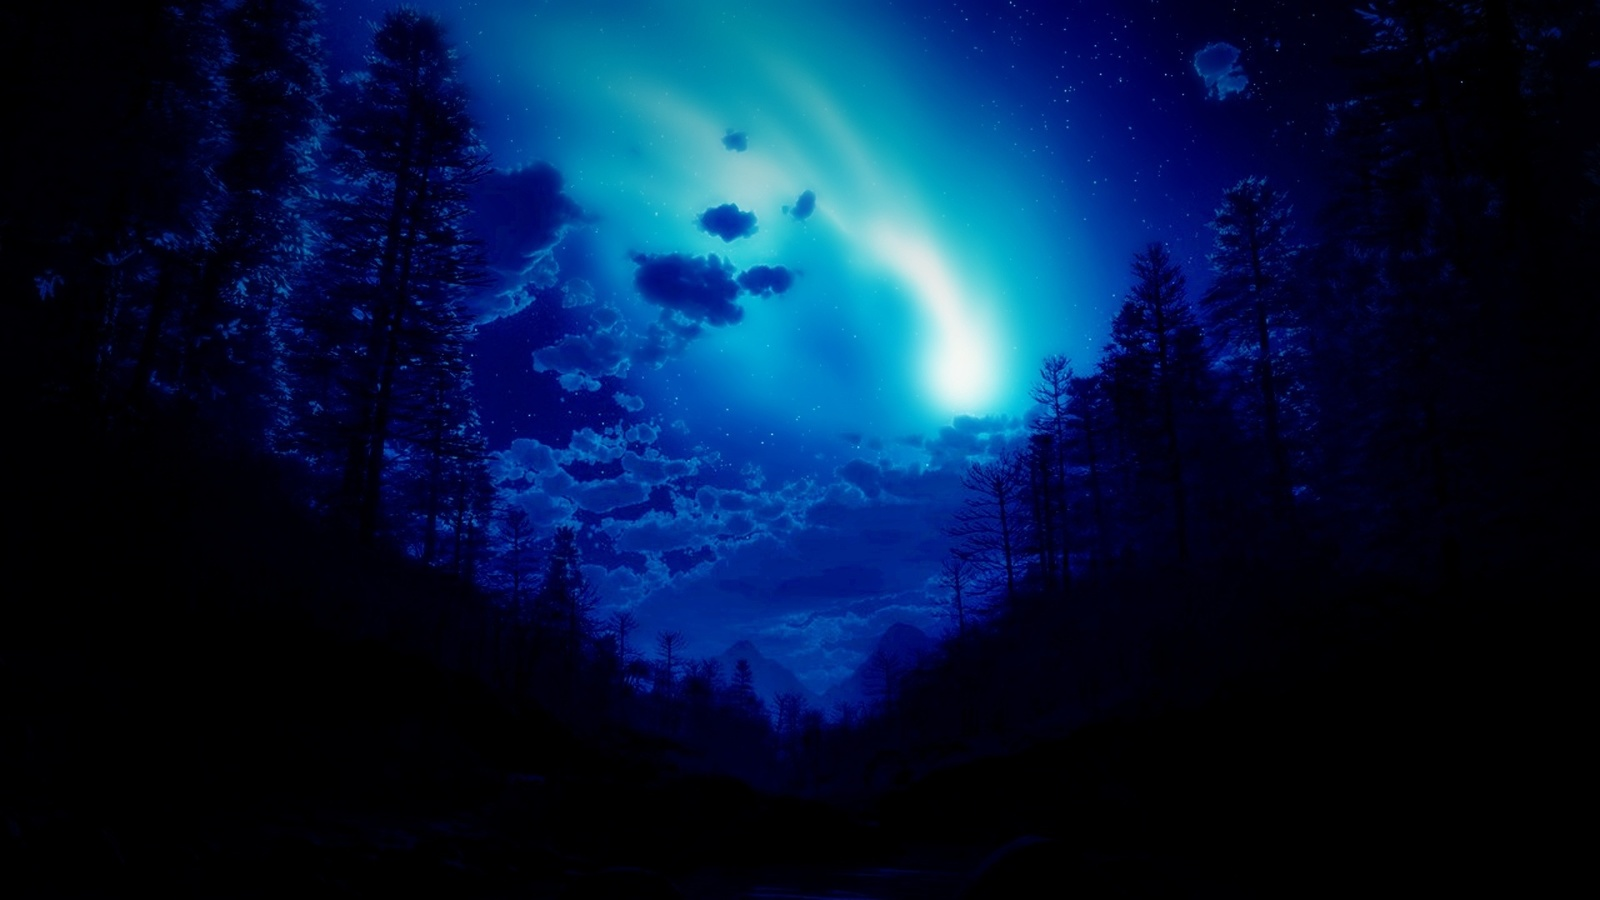 северное сияние, звезды, небо, ночь, трава, вода, лес